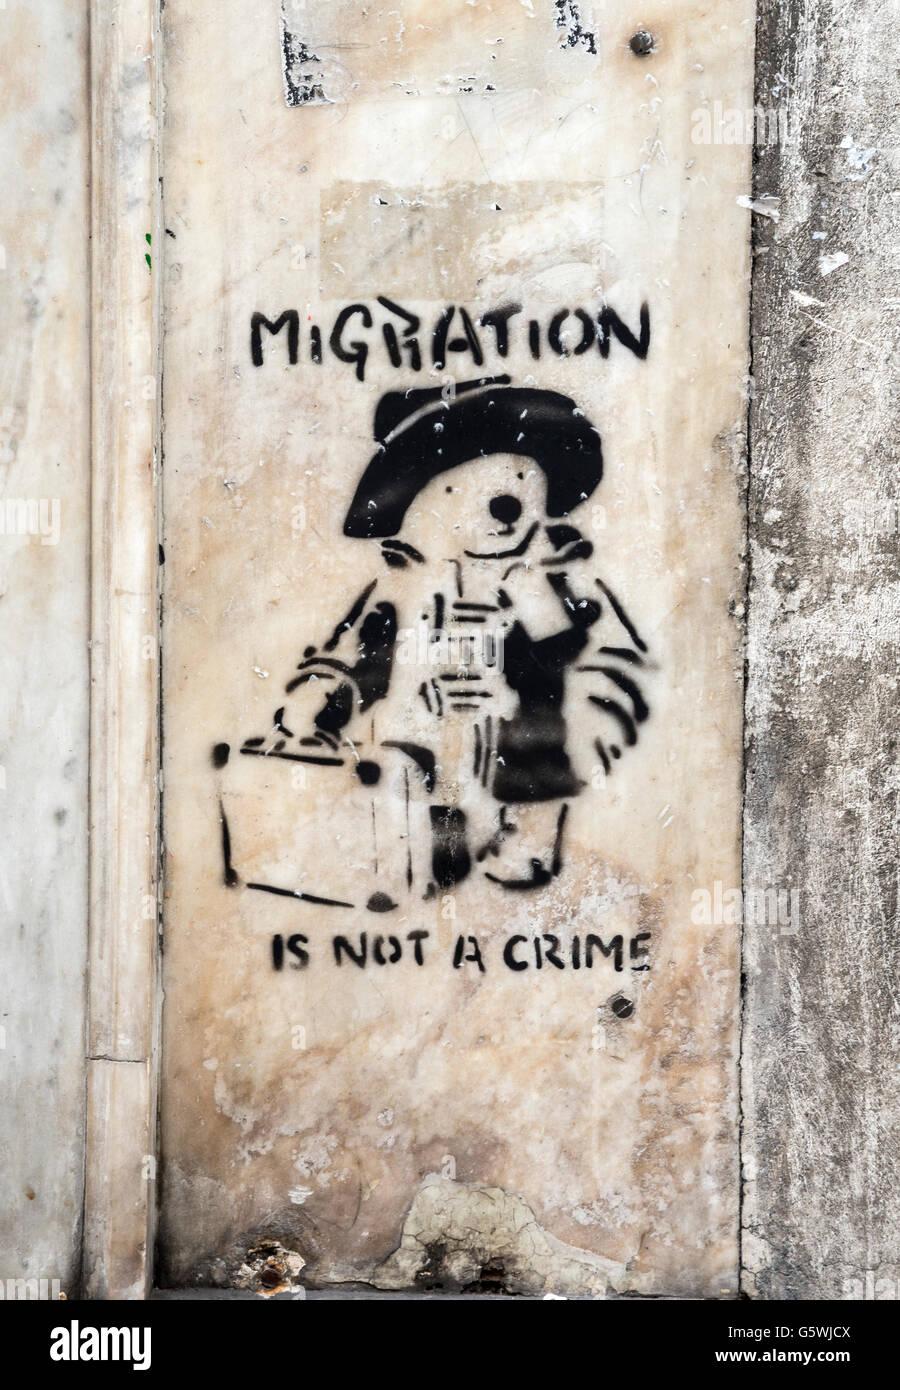 Street-Art sozialer Kommentar zur Migration im Stadtteil Psiri von zentral-Athen, Griechenland Stockbild